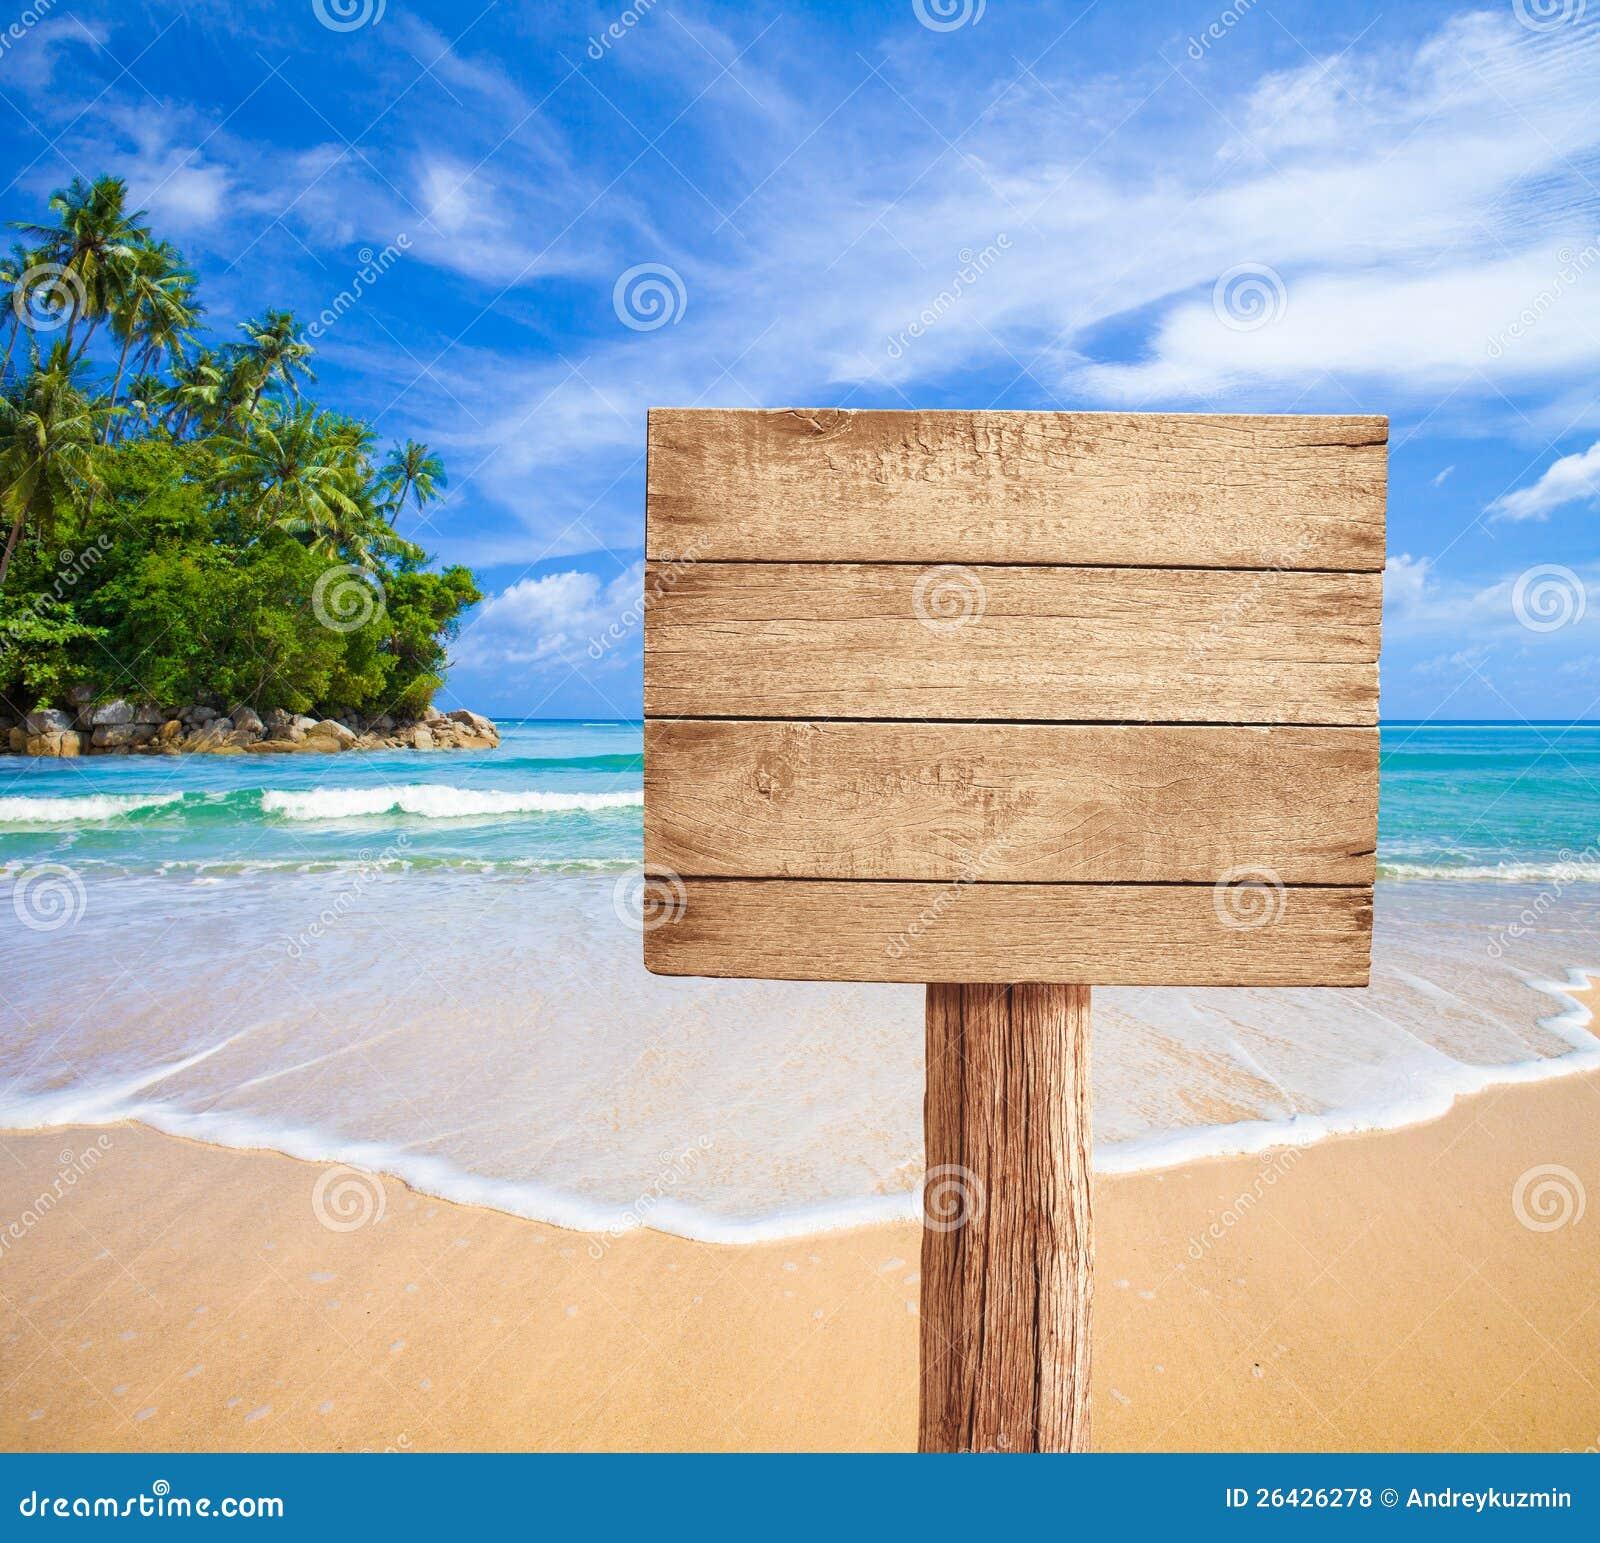 Panneau Indicateur Bois - Panneau Indicateur En Bois Sur La Plage Tropicale Photos libres de droits Image 26426278